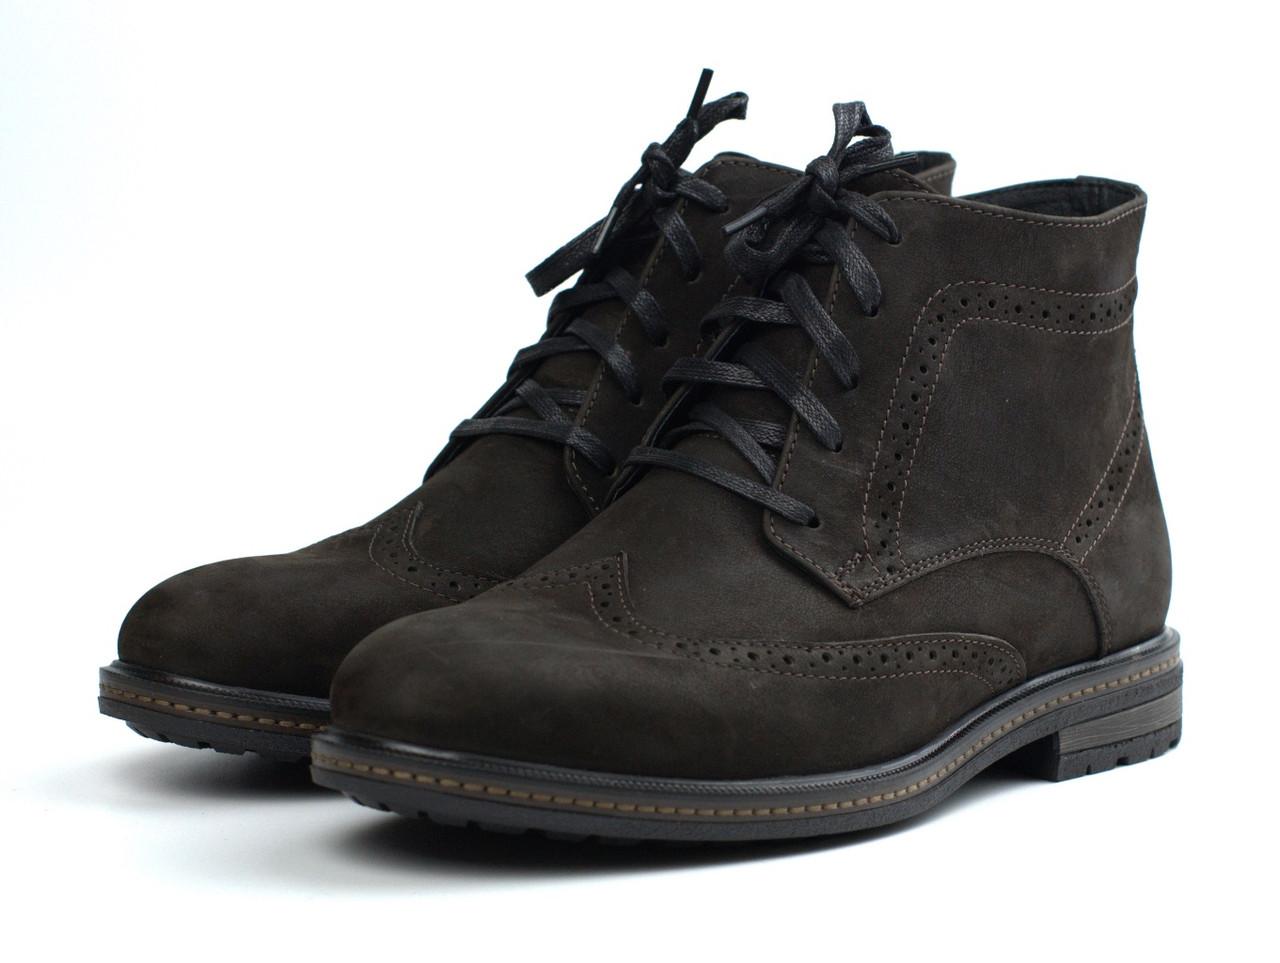 Зимние ботинки броги замшевые на меху коричневые мужская обувь большой размер Rosso Avangard Brogue Brown BS